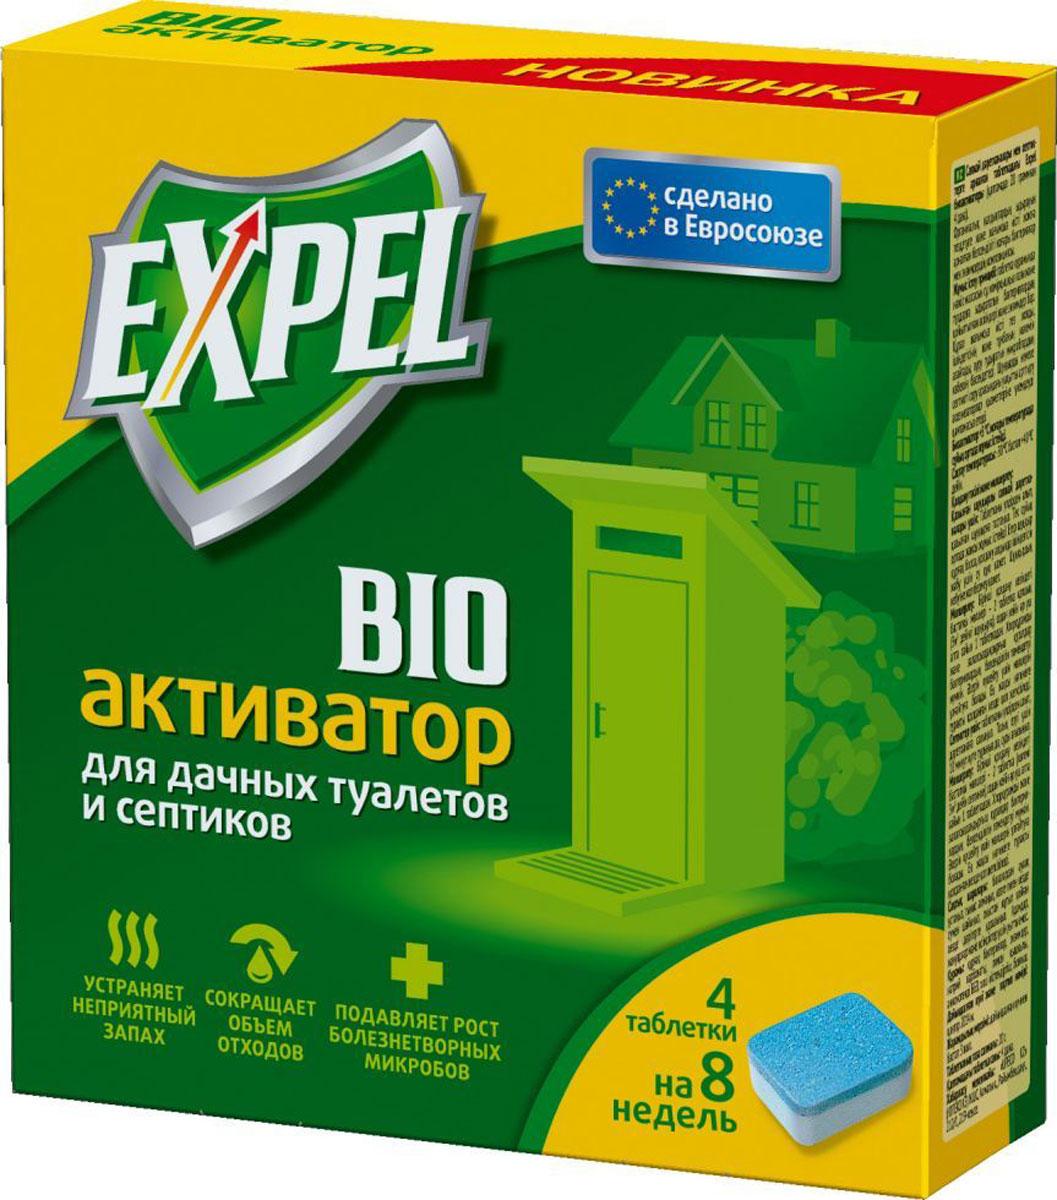 Биоактиватор Expel для дачных туалетов и септиков, 4 таблеткиTT0003Биоактиватор Expel содержит концентрированные культуры бактерий. Которые разлагают фекальные массы на воду, углекислый газ и соли. Средство устраняет неприятный запах, уменьшает объем содержимого и осадка, подавляет рост болезнетворных микробов. Увеличение интервалов между откачками ямы или септика обеспечивает экономию на услугах ассенизатозоров. Способ применения: Для дачных туалетов с выгребной ямой: извлечь таблетку из пленки и бросить в выгребную яму. Биоактиватор эффективно работает только в жидкой среде. Если яма обезвожена, необходимо добавить воды для покрытия содержимого. Не допускать высыхания ямы. Для септиков: извлечь таблетку из пленки и бросить в унитаз. Подождать 10 минут для полного растворения и спустить воду. Дозировка: стартовая доза при первом применении - 2 таблетки (на яму или септик до 3 м3), затем по 1 таблетке каждые 2 недели.